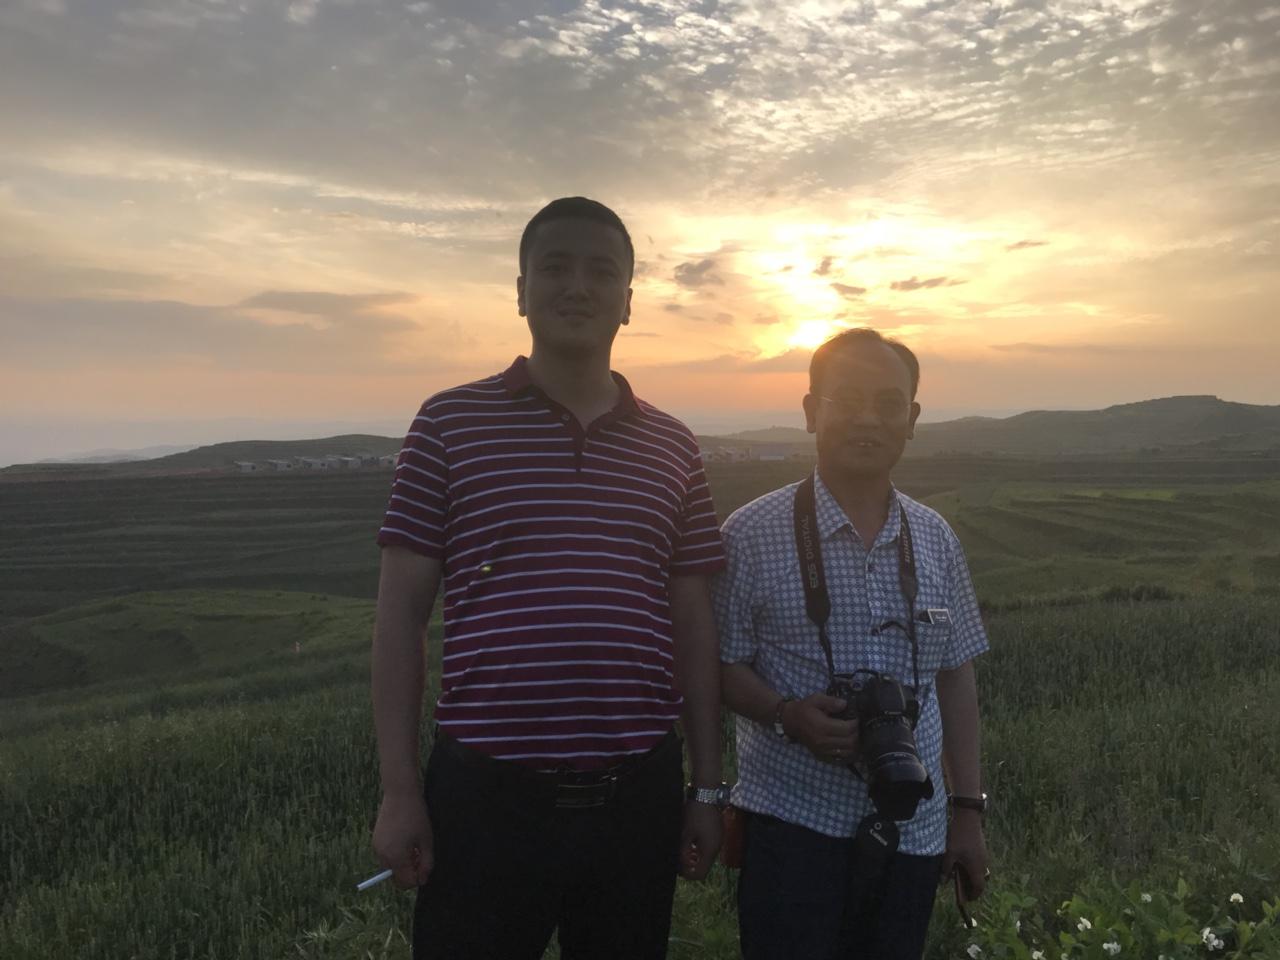 张家川80后青年党永珍辞掉年薪20万工作回家乡投资400万元发展中药材事业